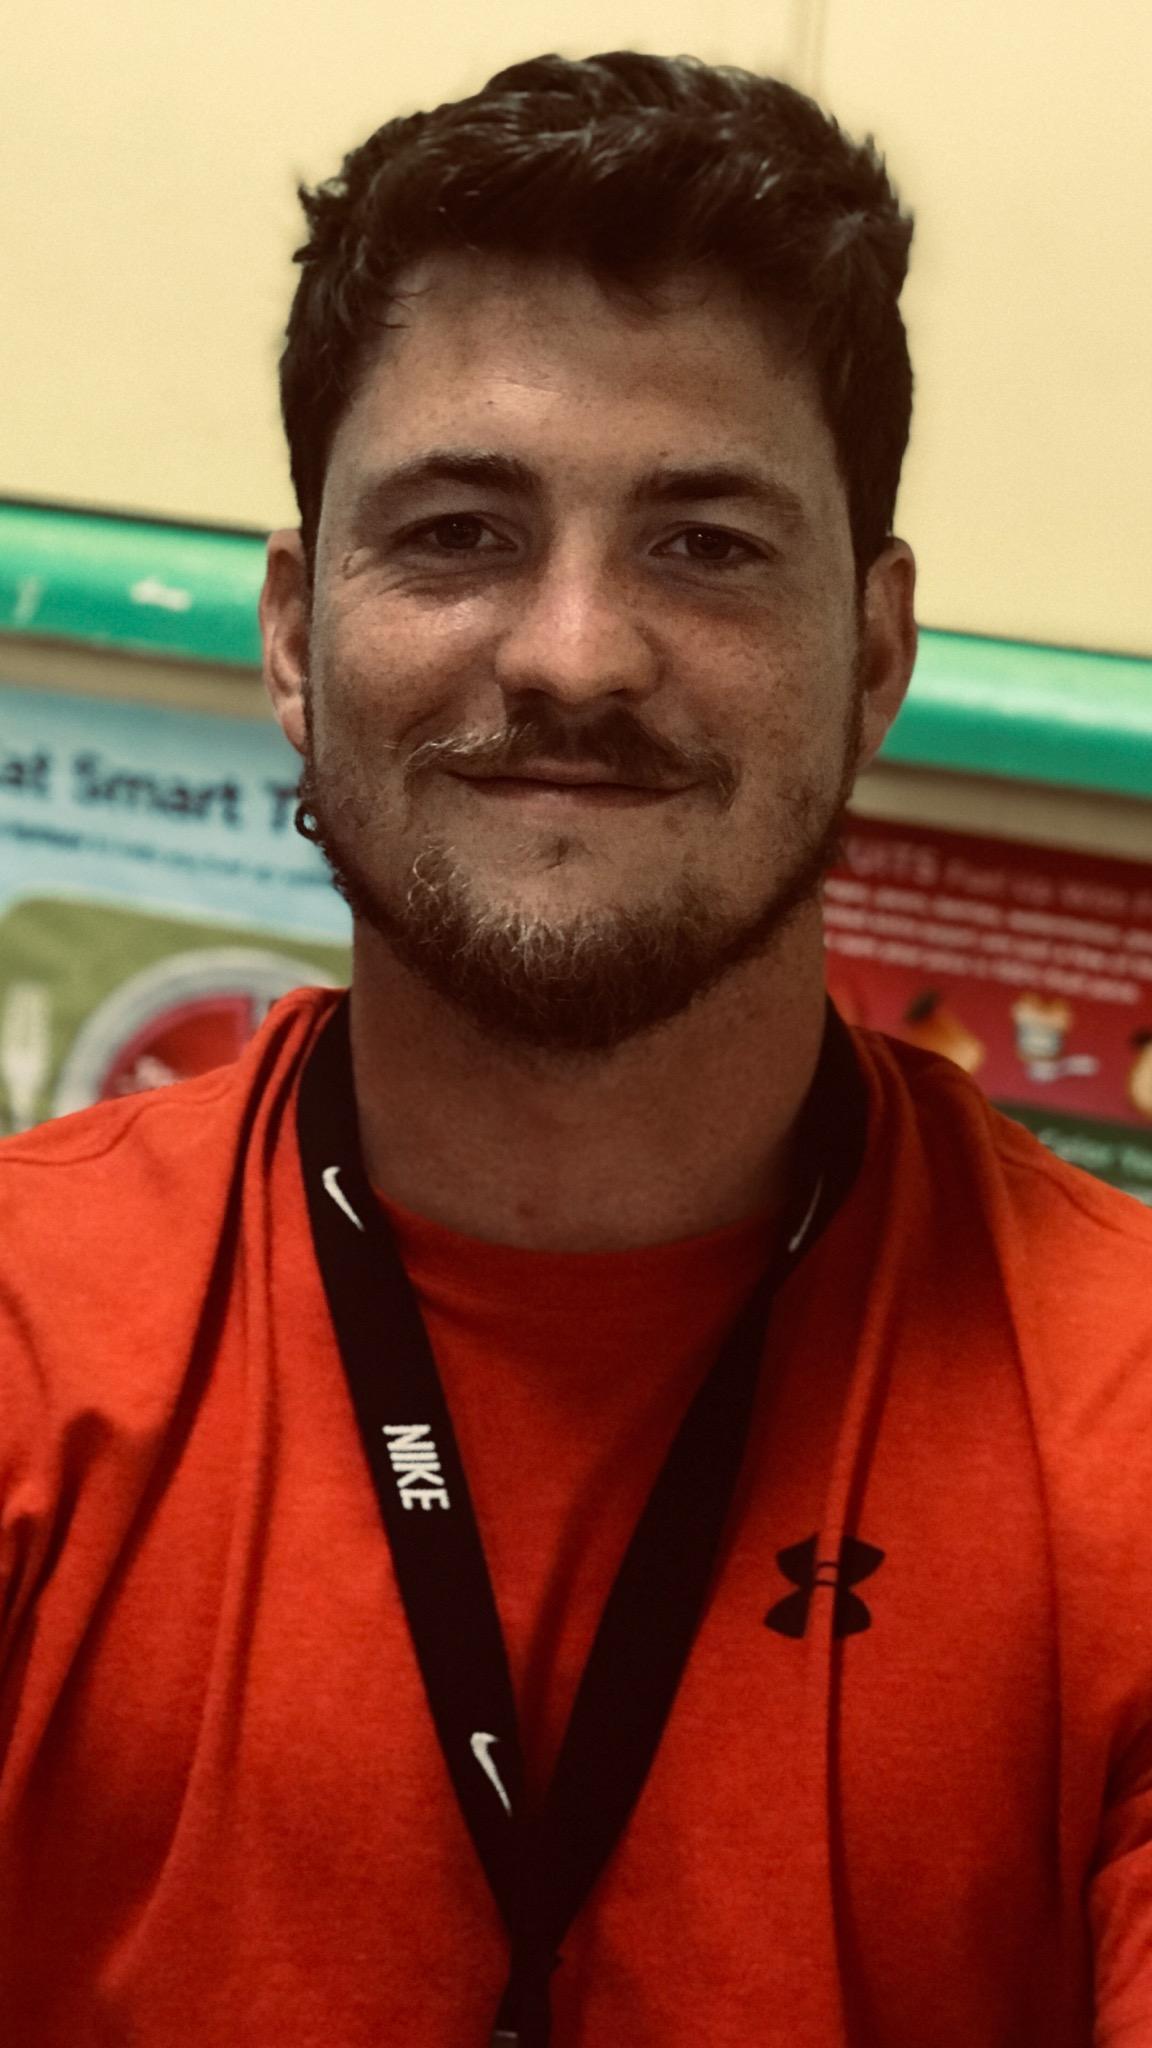 Dylan Tate